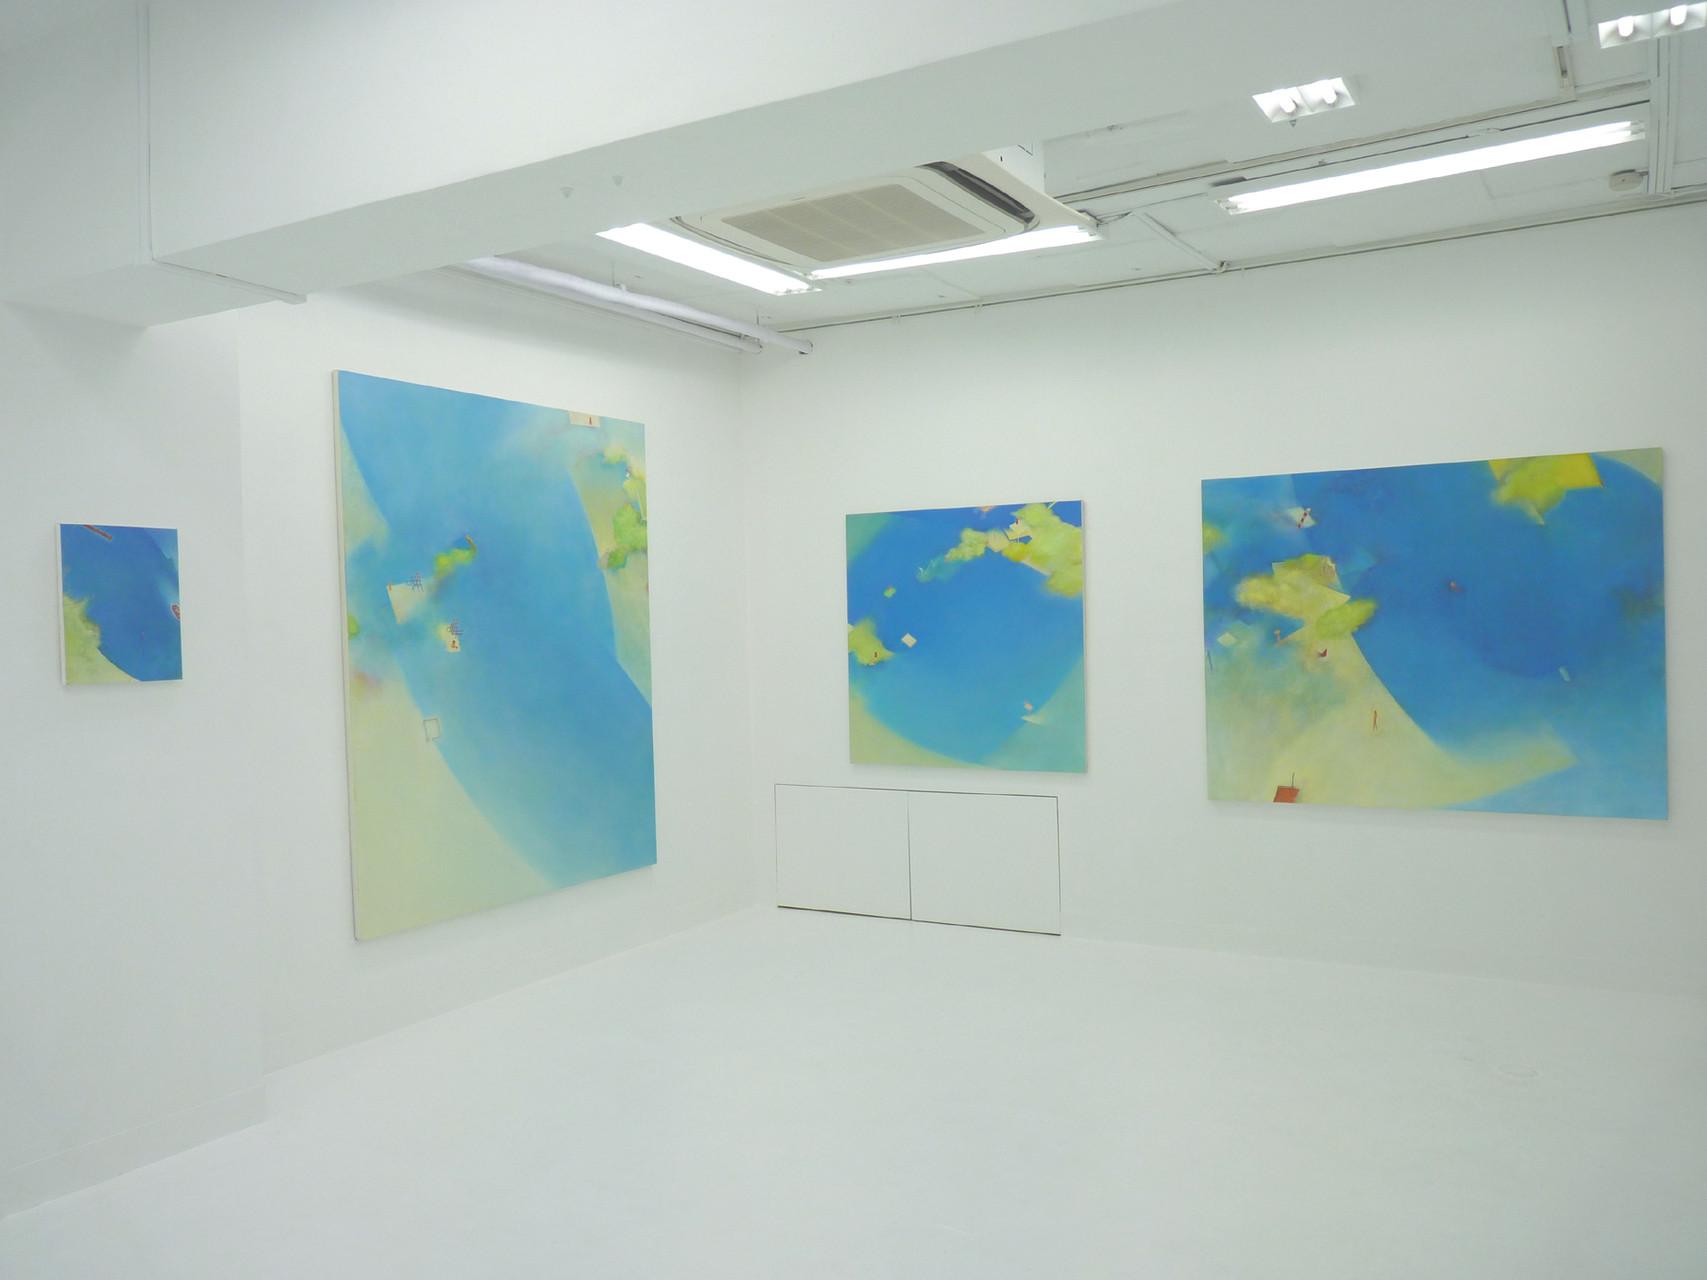 個展「水辺のかたち」2014.4.21〜4.26 GALERIE SOL